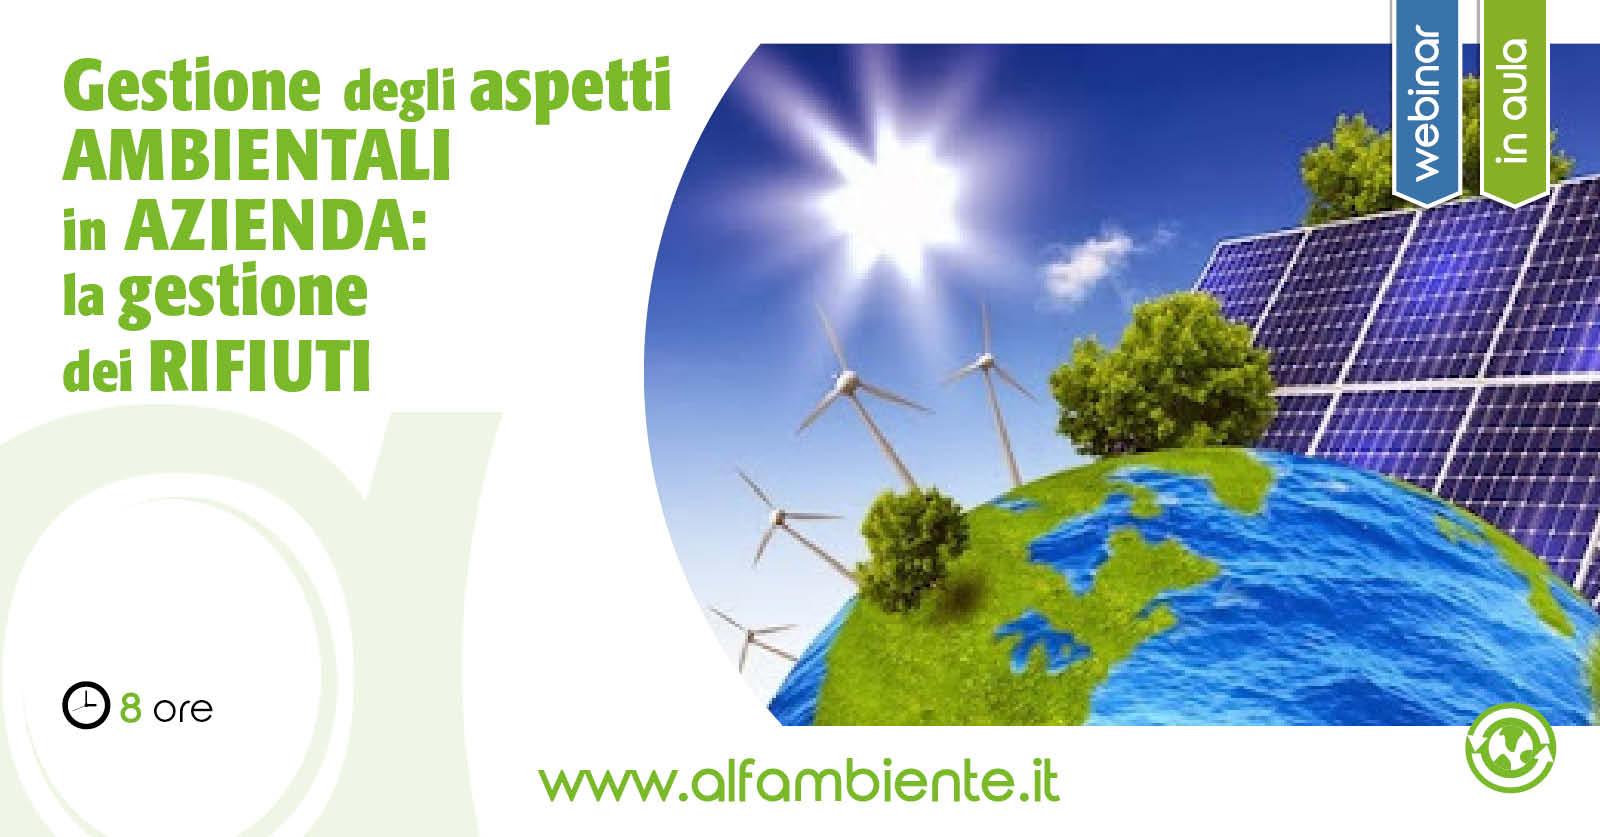 Gestione degli aspetti ambientali in azienda: la gestione dei rifiuti (contenuti aggiornati al D. Lgs. 116/2020)